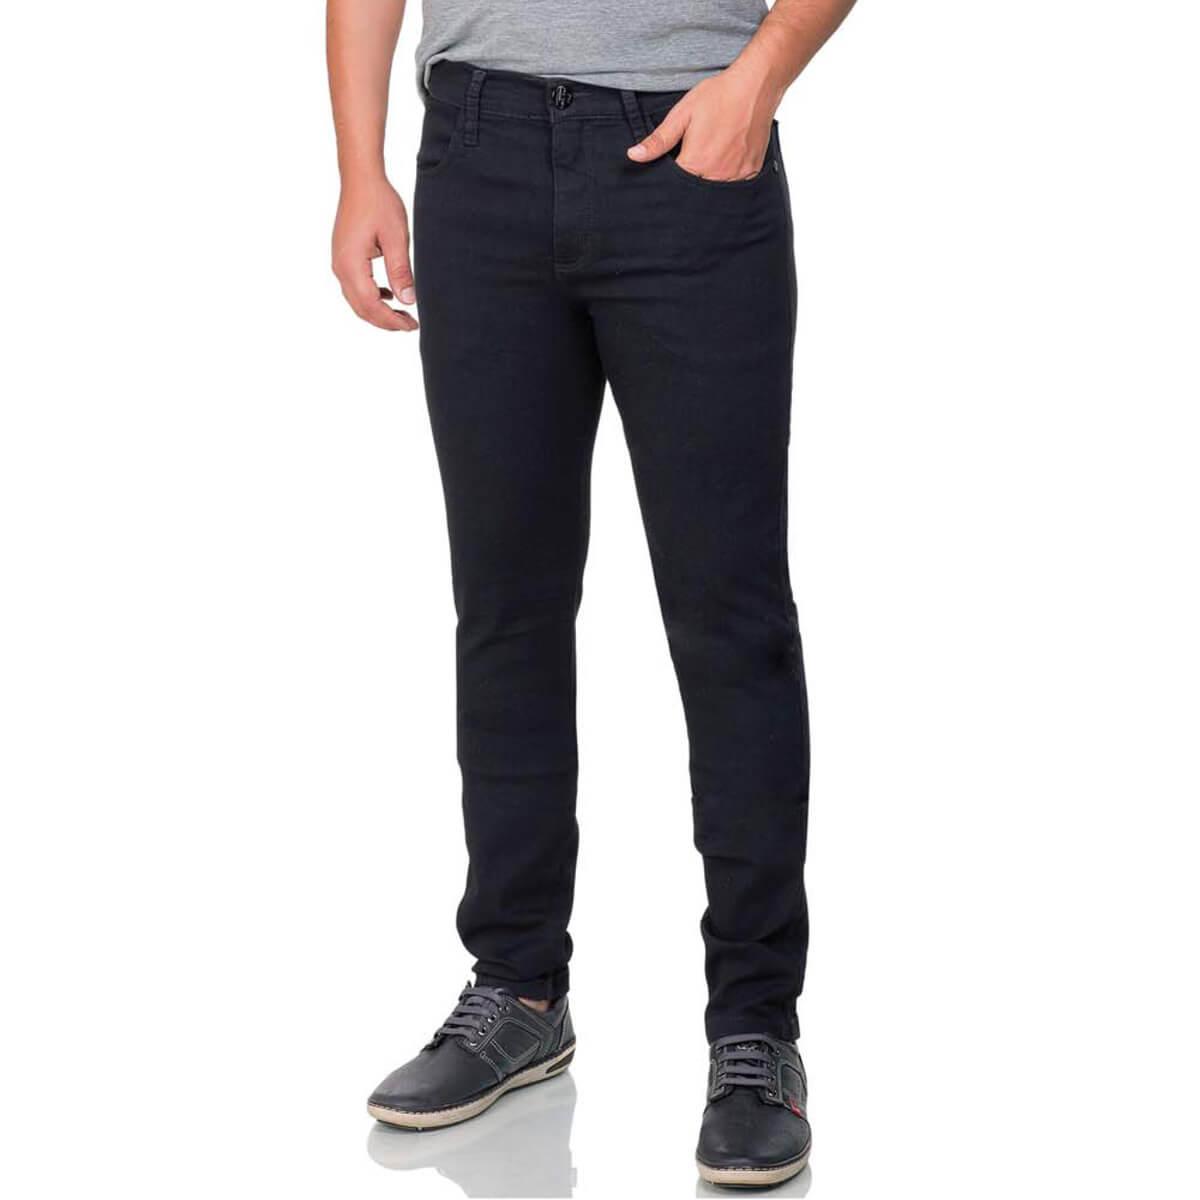 Calça Masculina Jeans Dominick